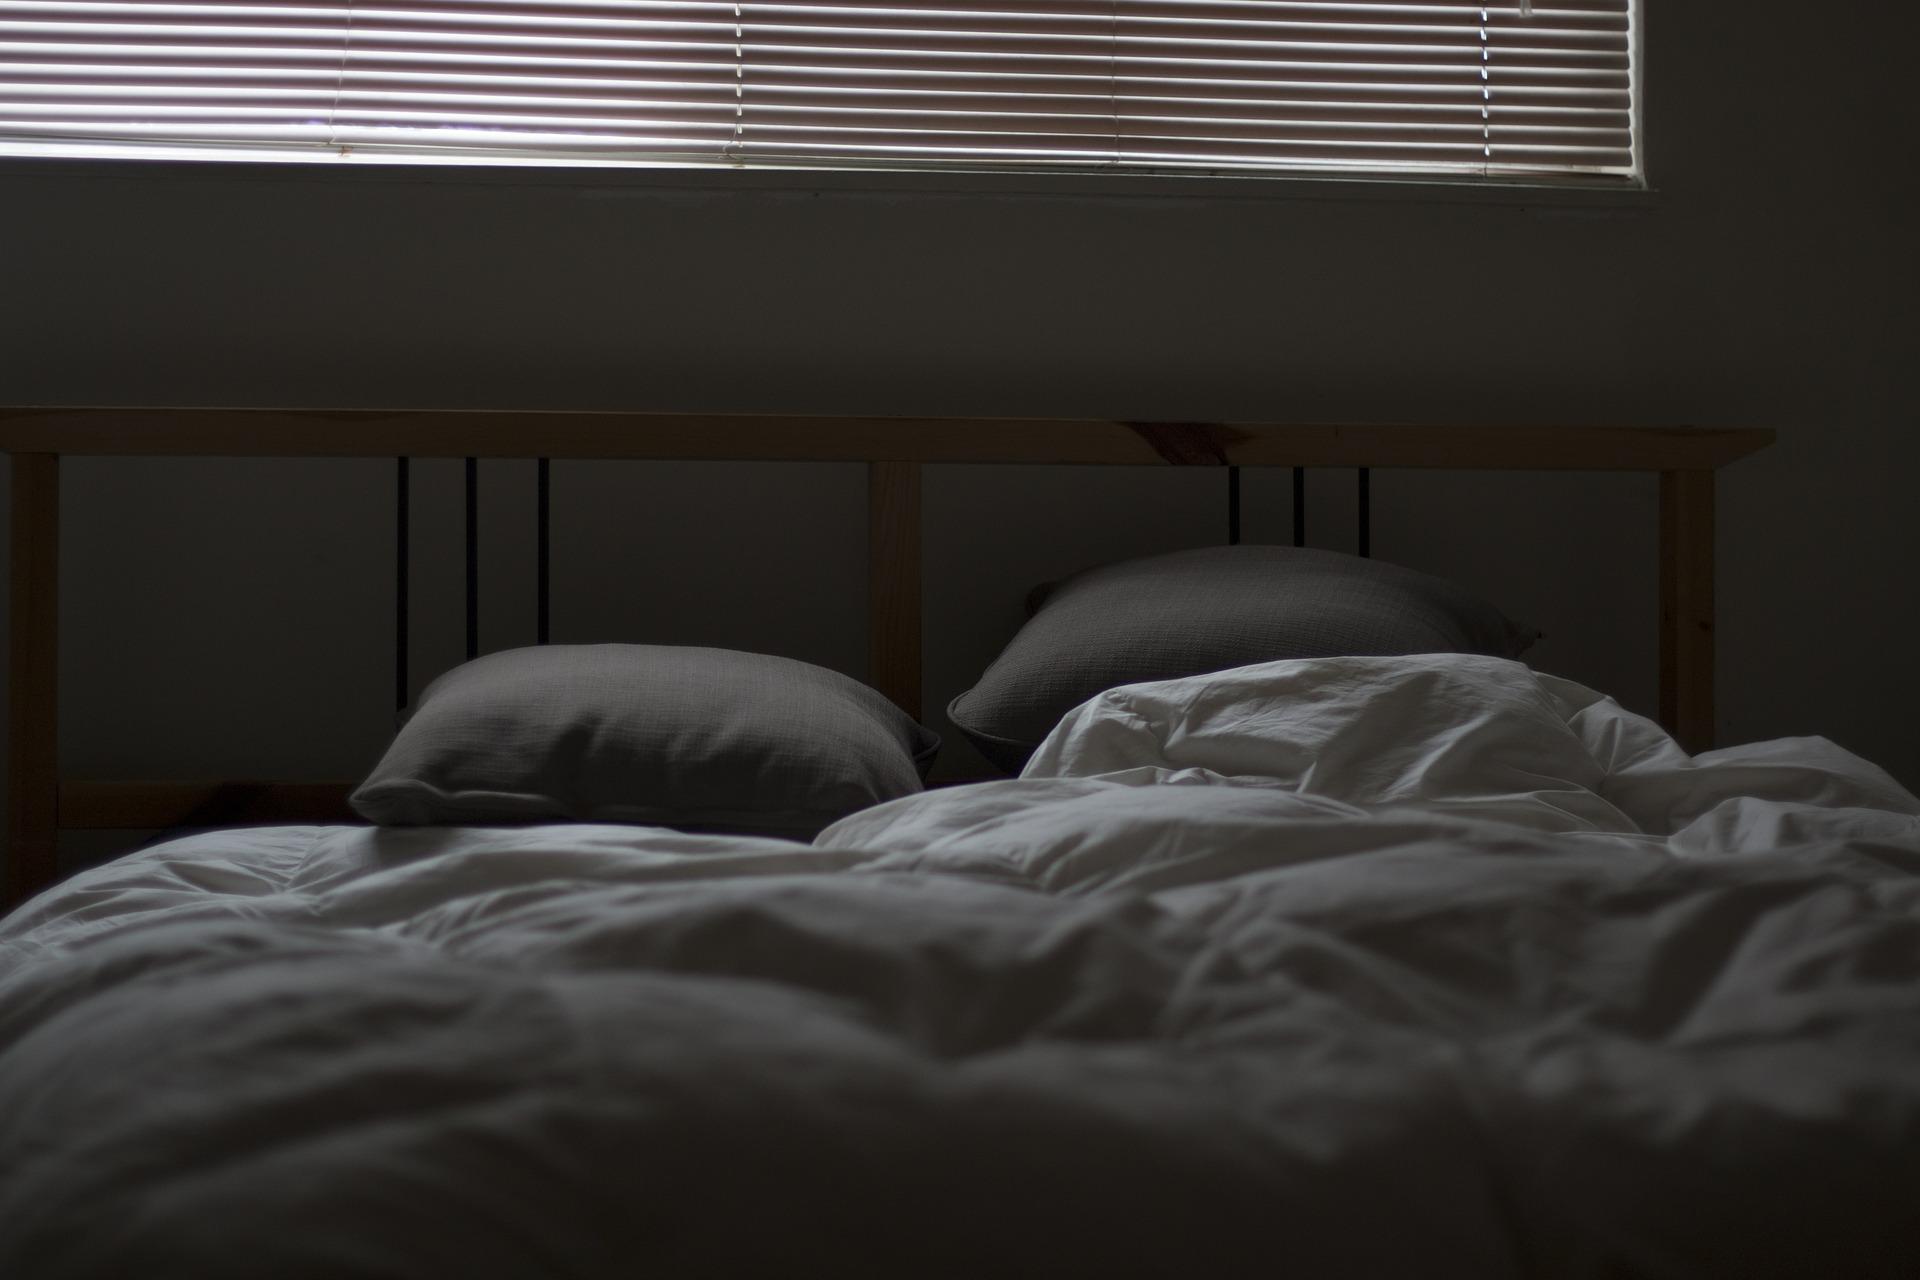 Dormir mais saudável no dia a dia